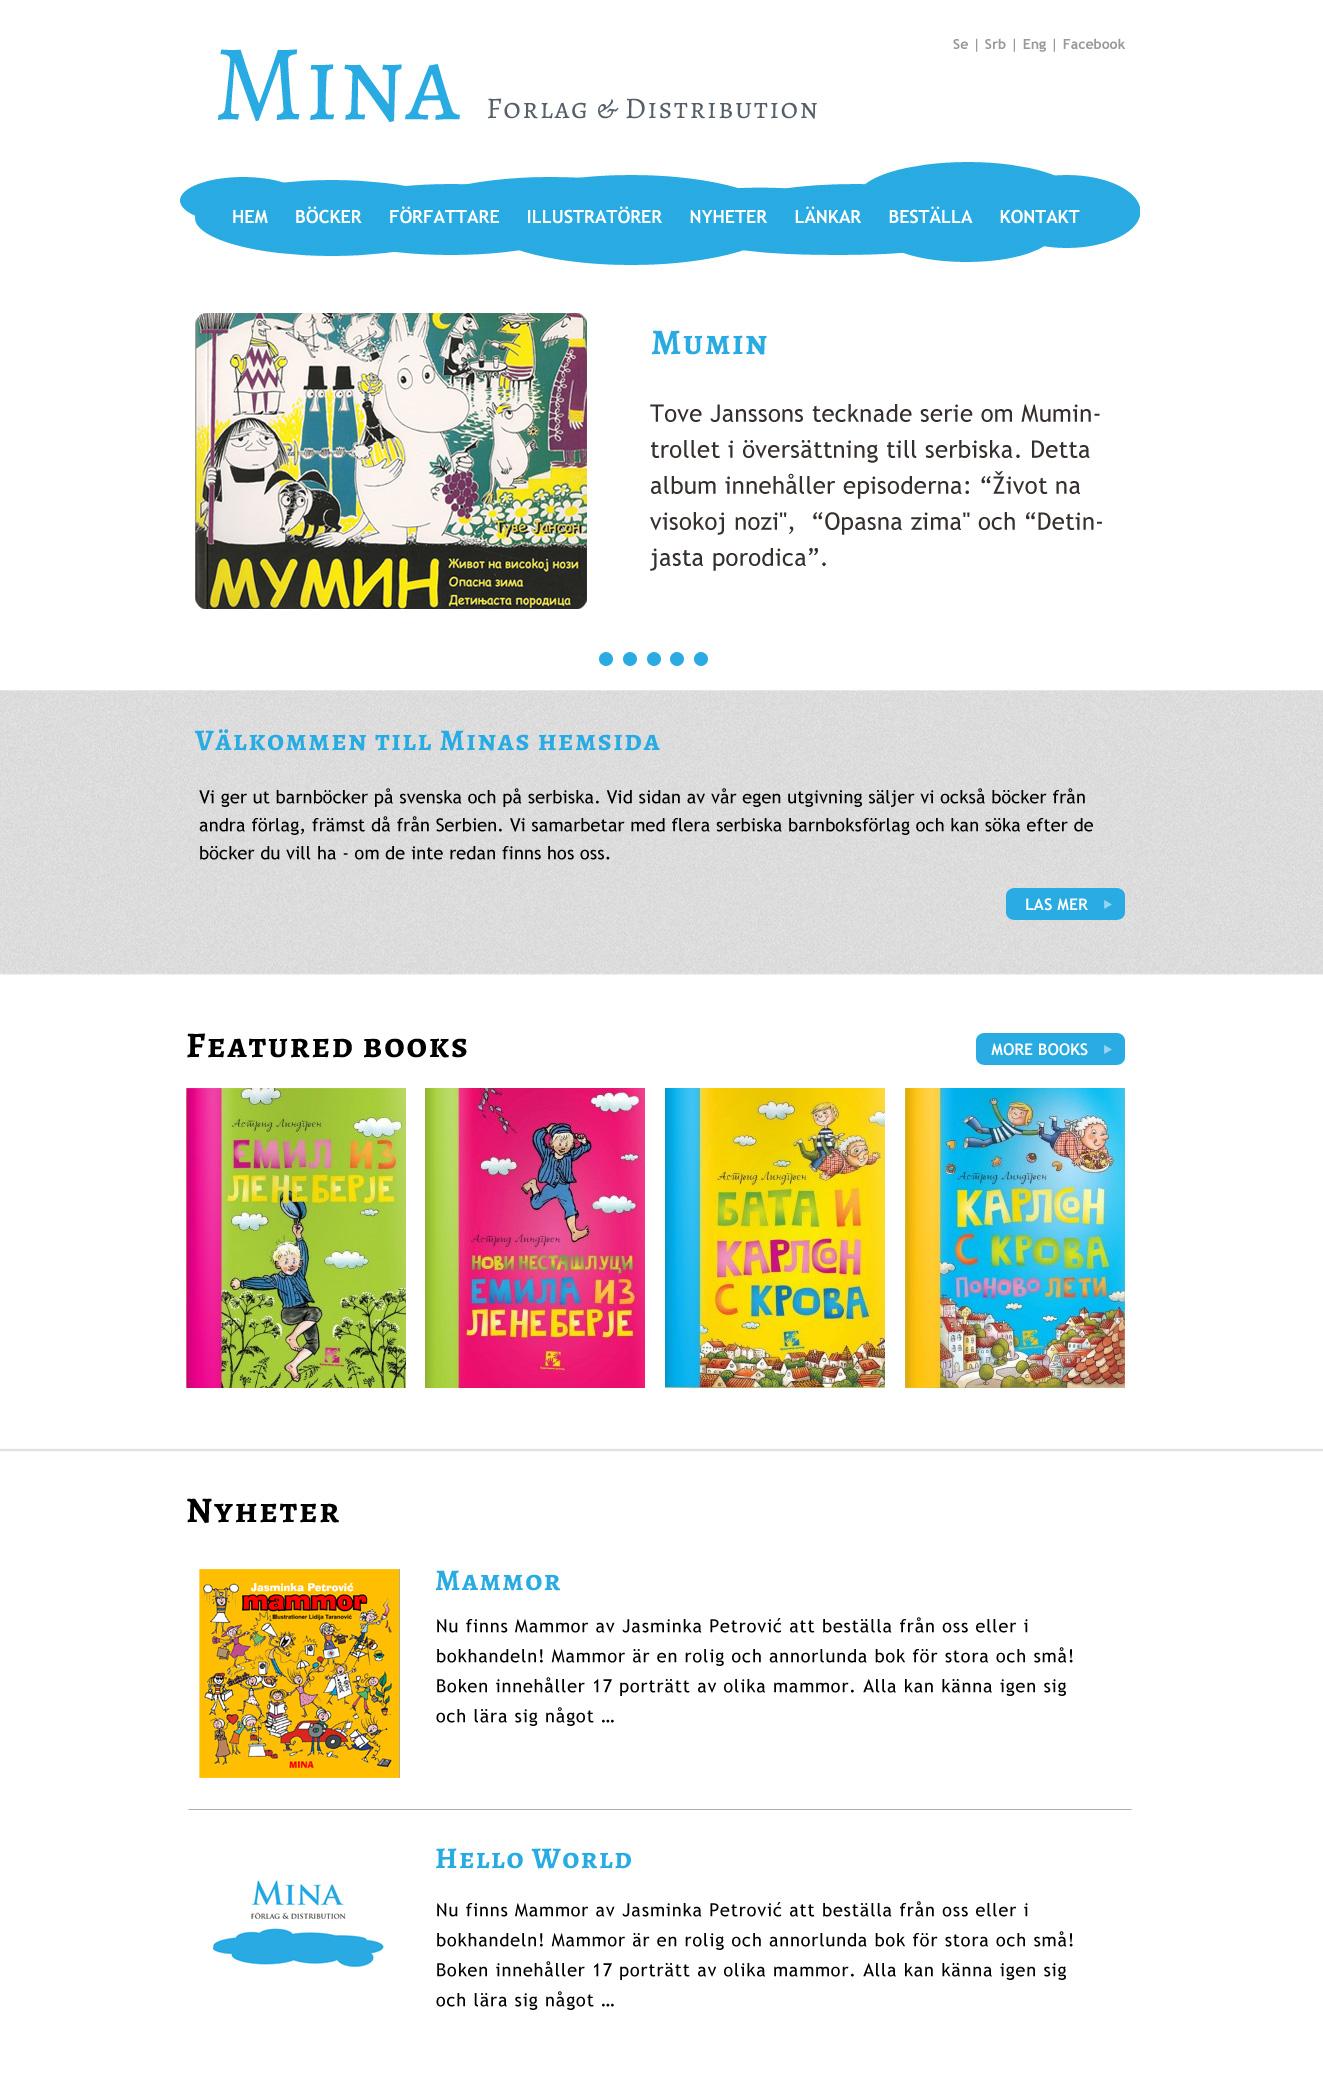 Mina home page